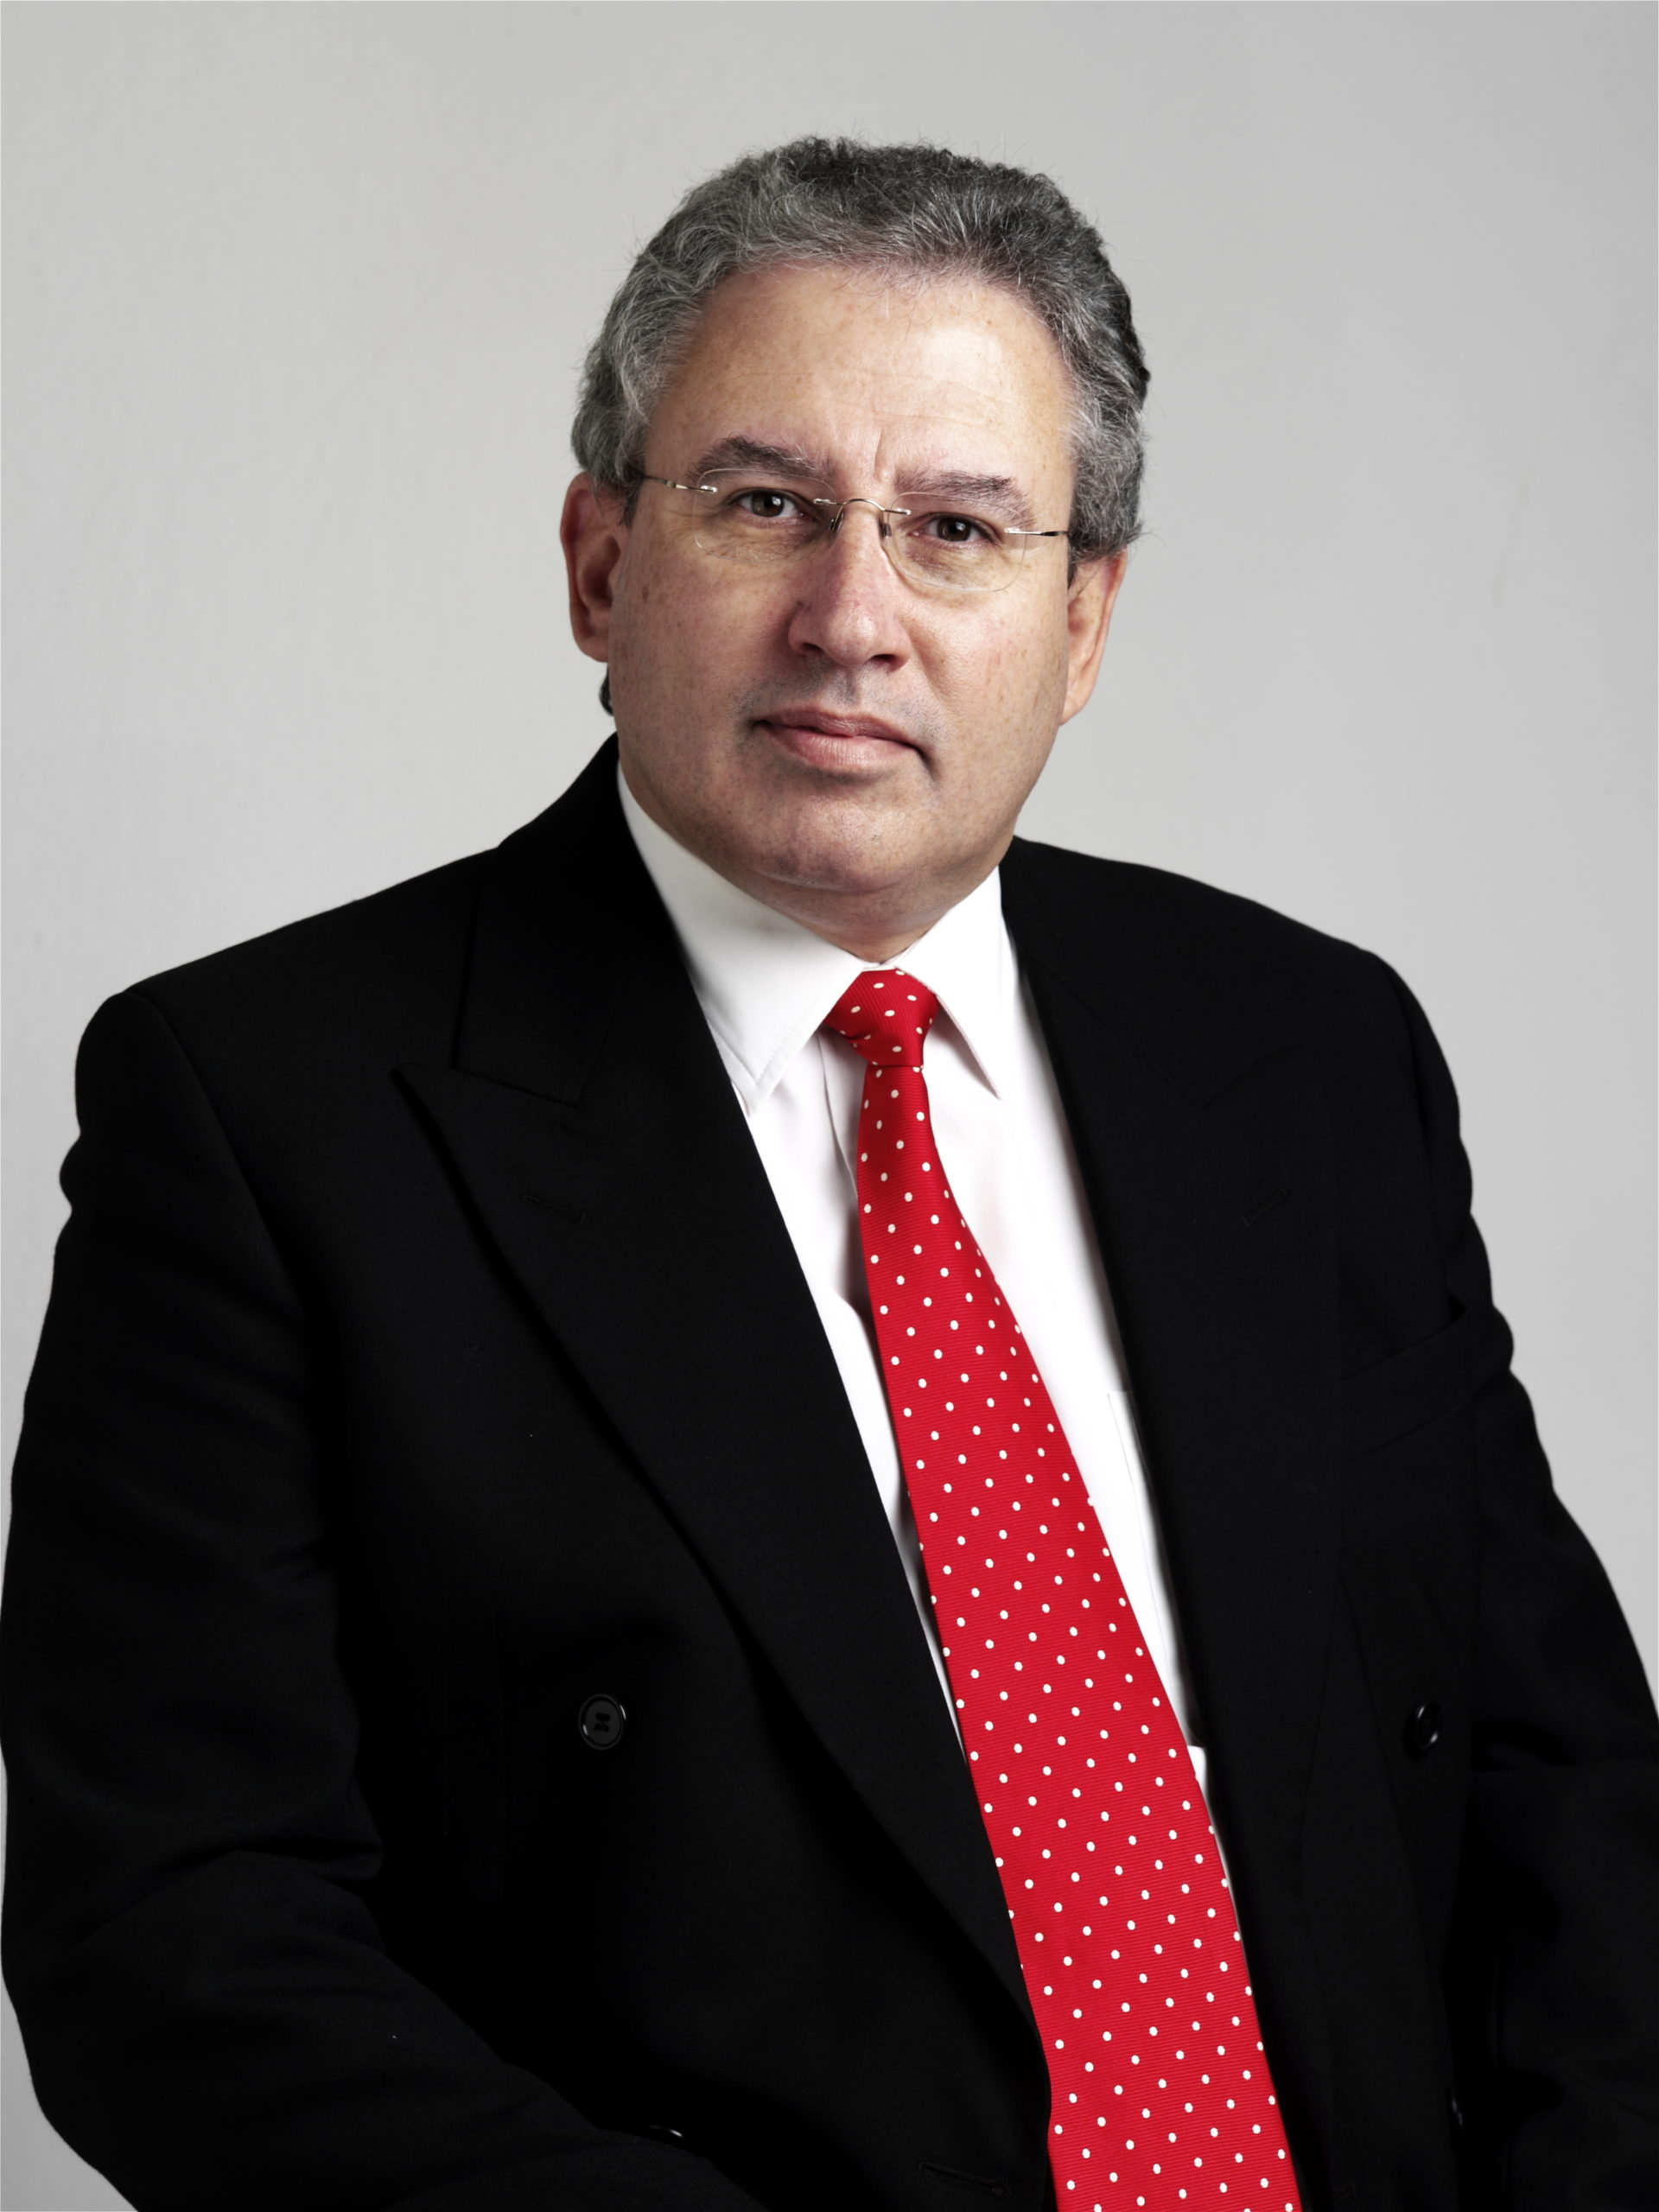 Pierre Wolmarans